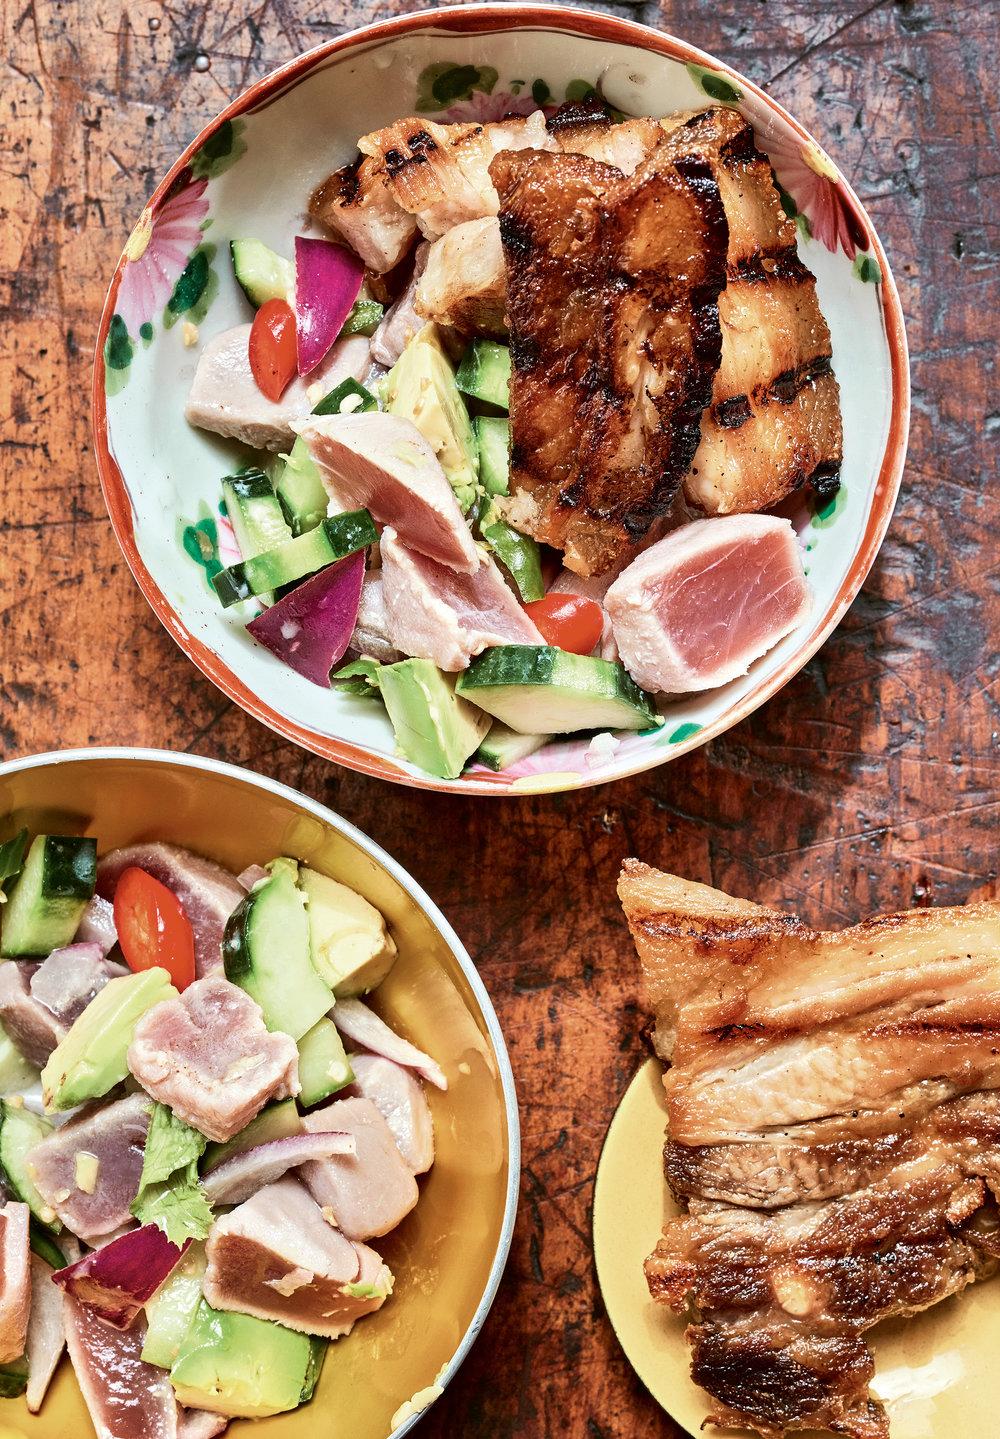 Sinuglaw (Cured Tuna With Grilled Pork)